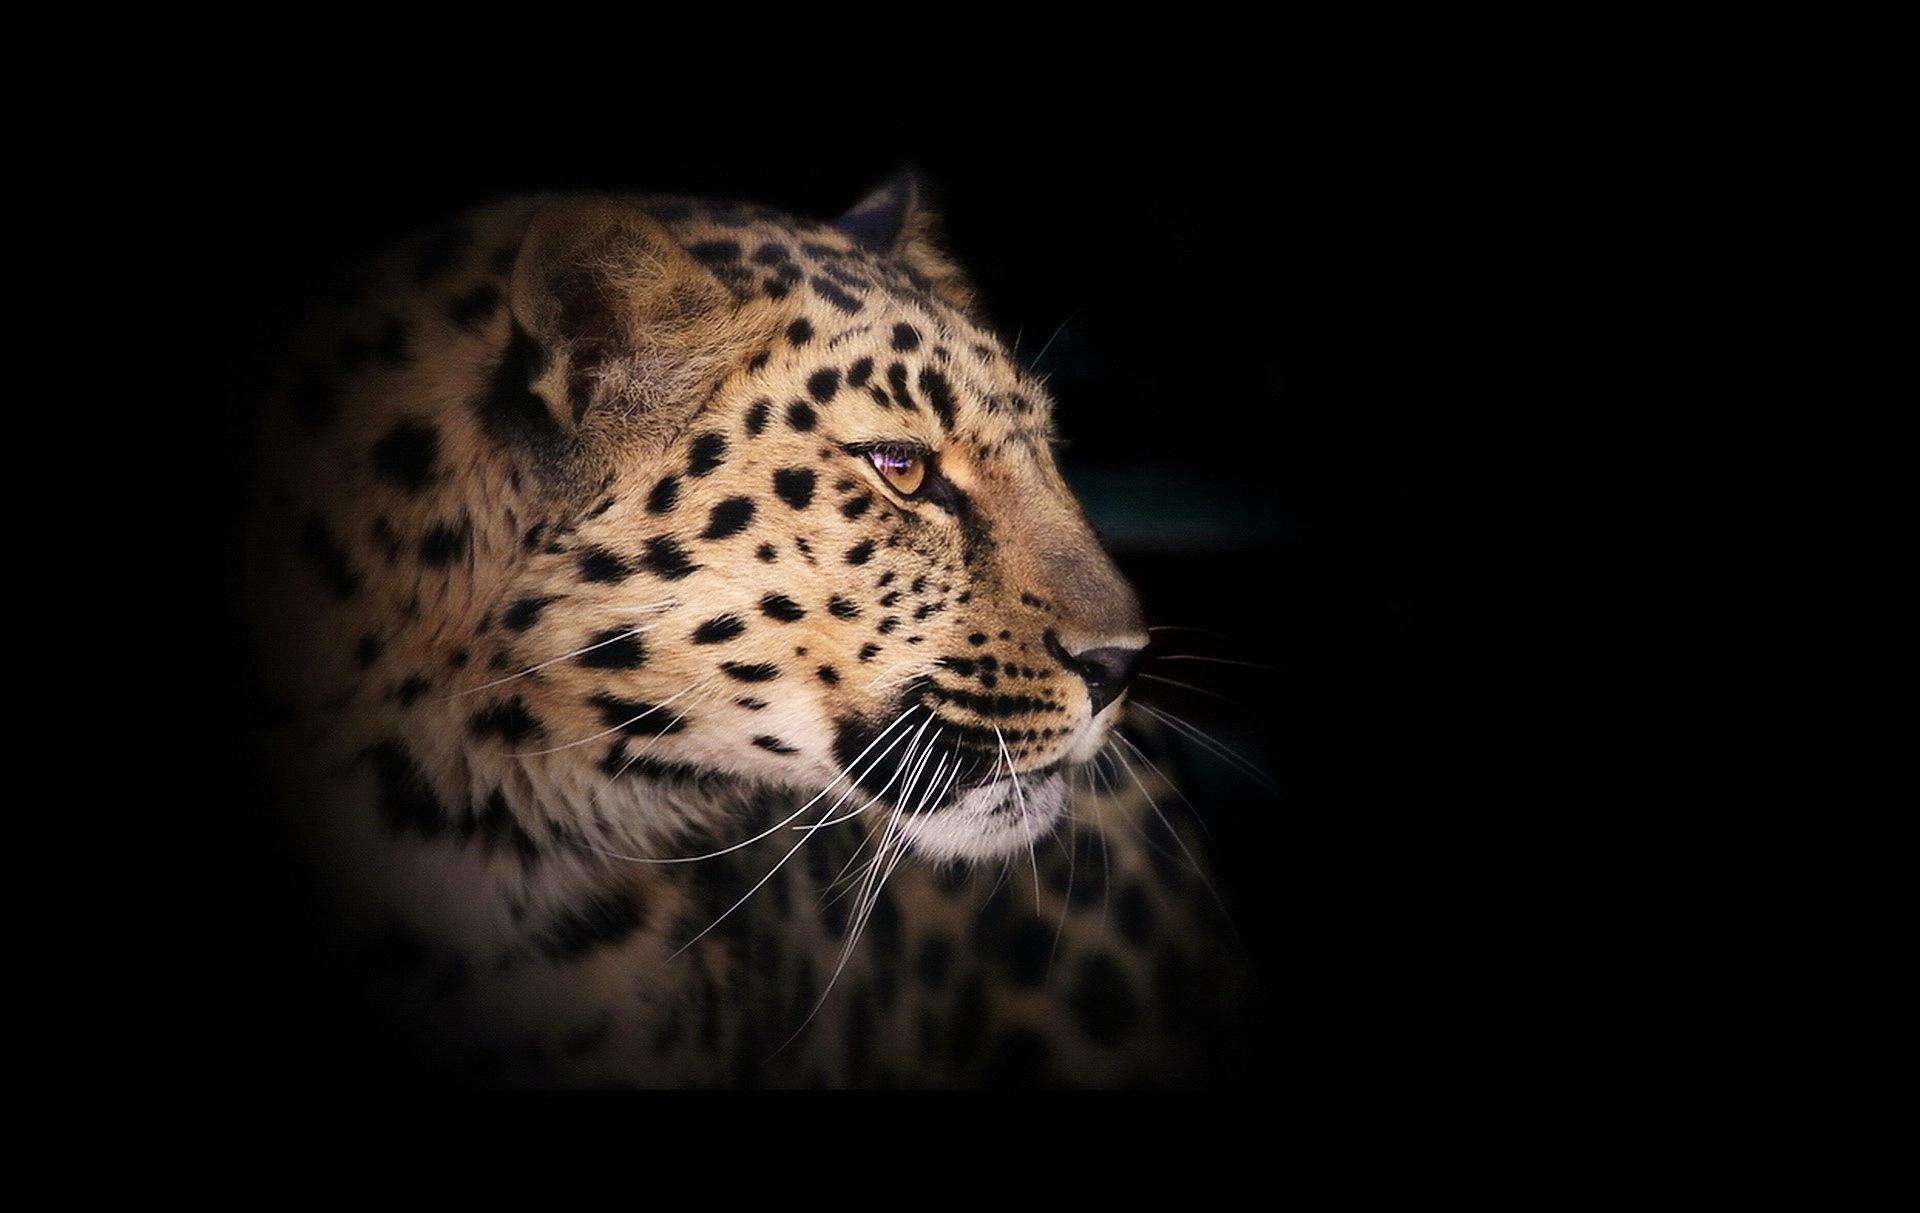 Fondo De Pantalla De Leopardo Fondos De Pantalla Gratis: Fondos De Pantalla Grandes Felinos Leopardo Animalia